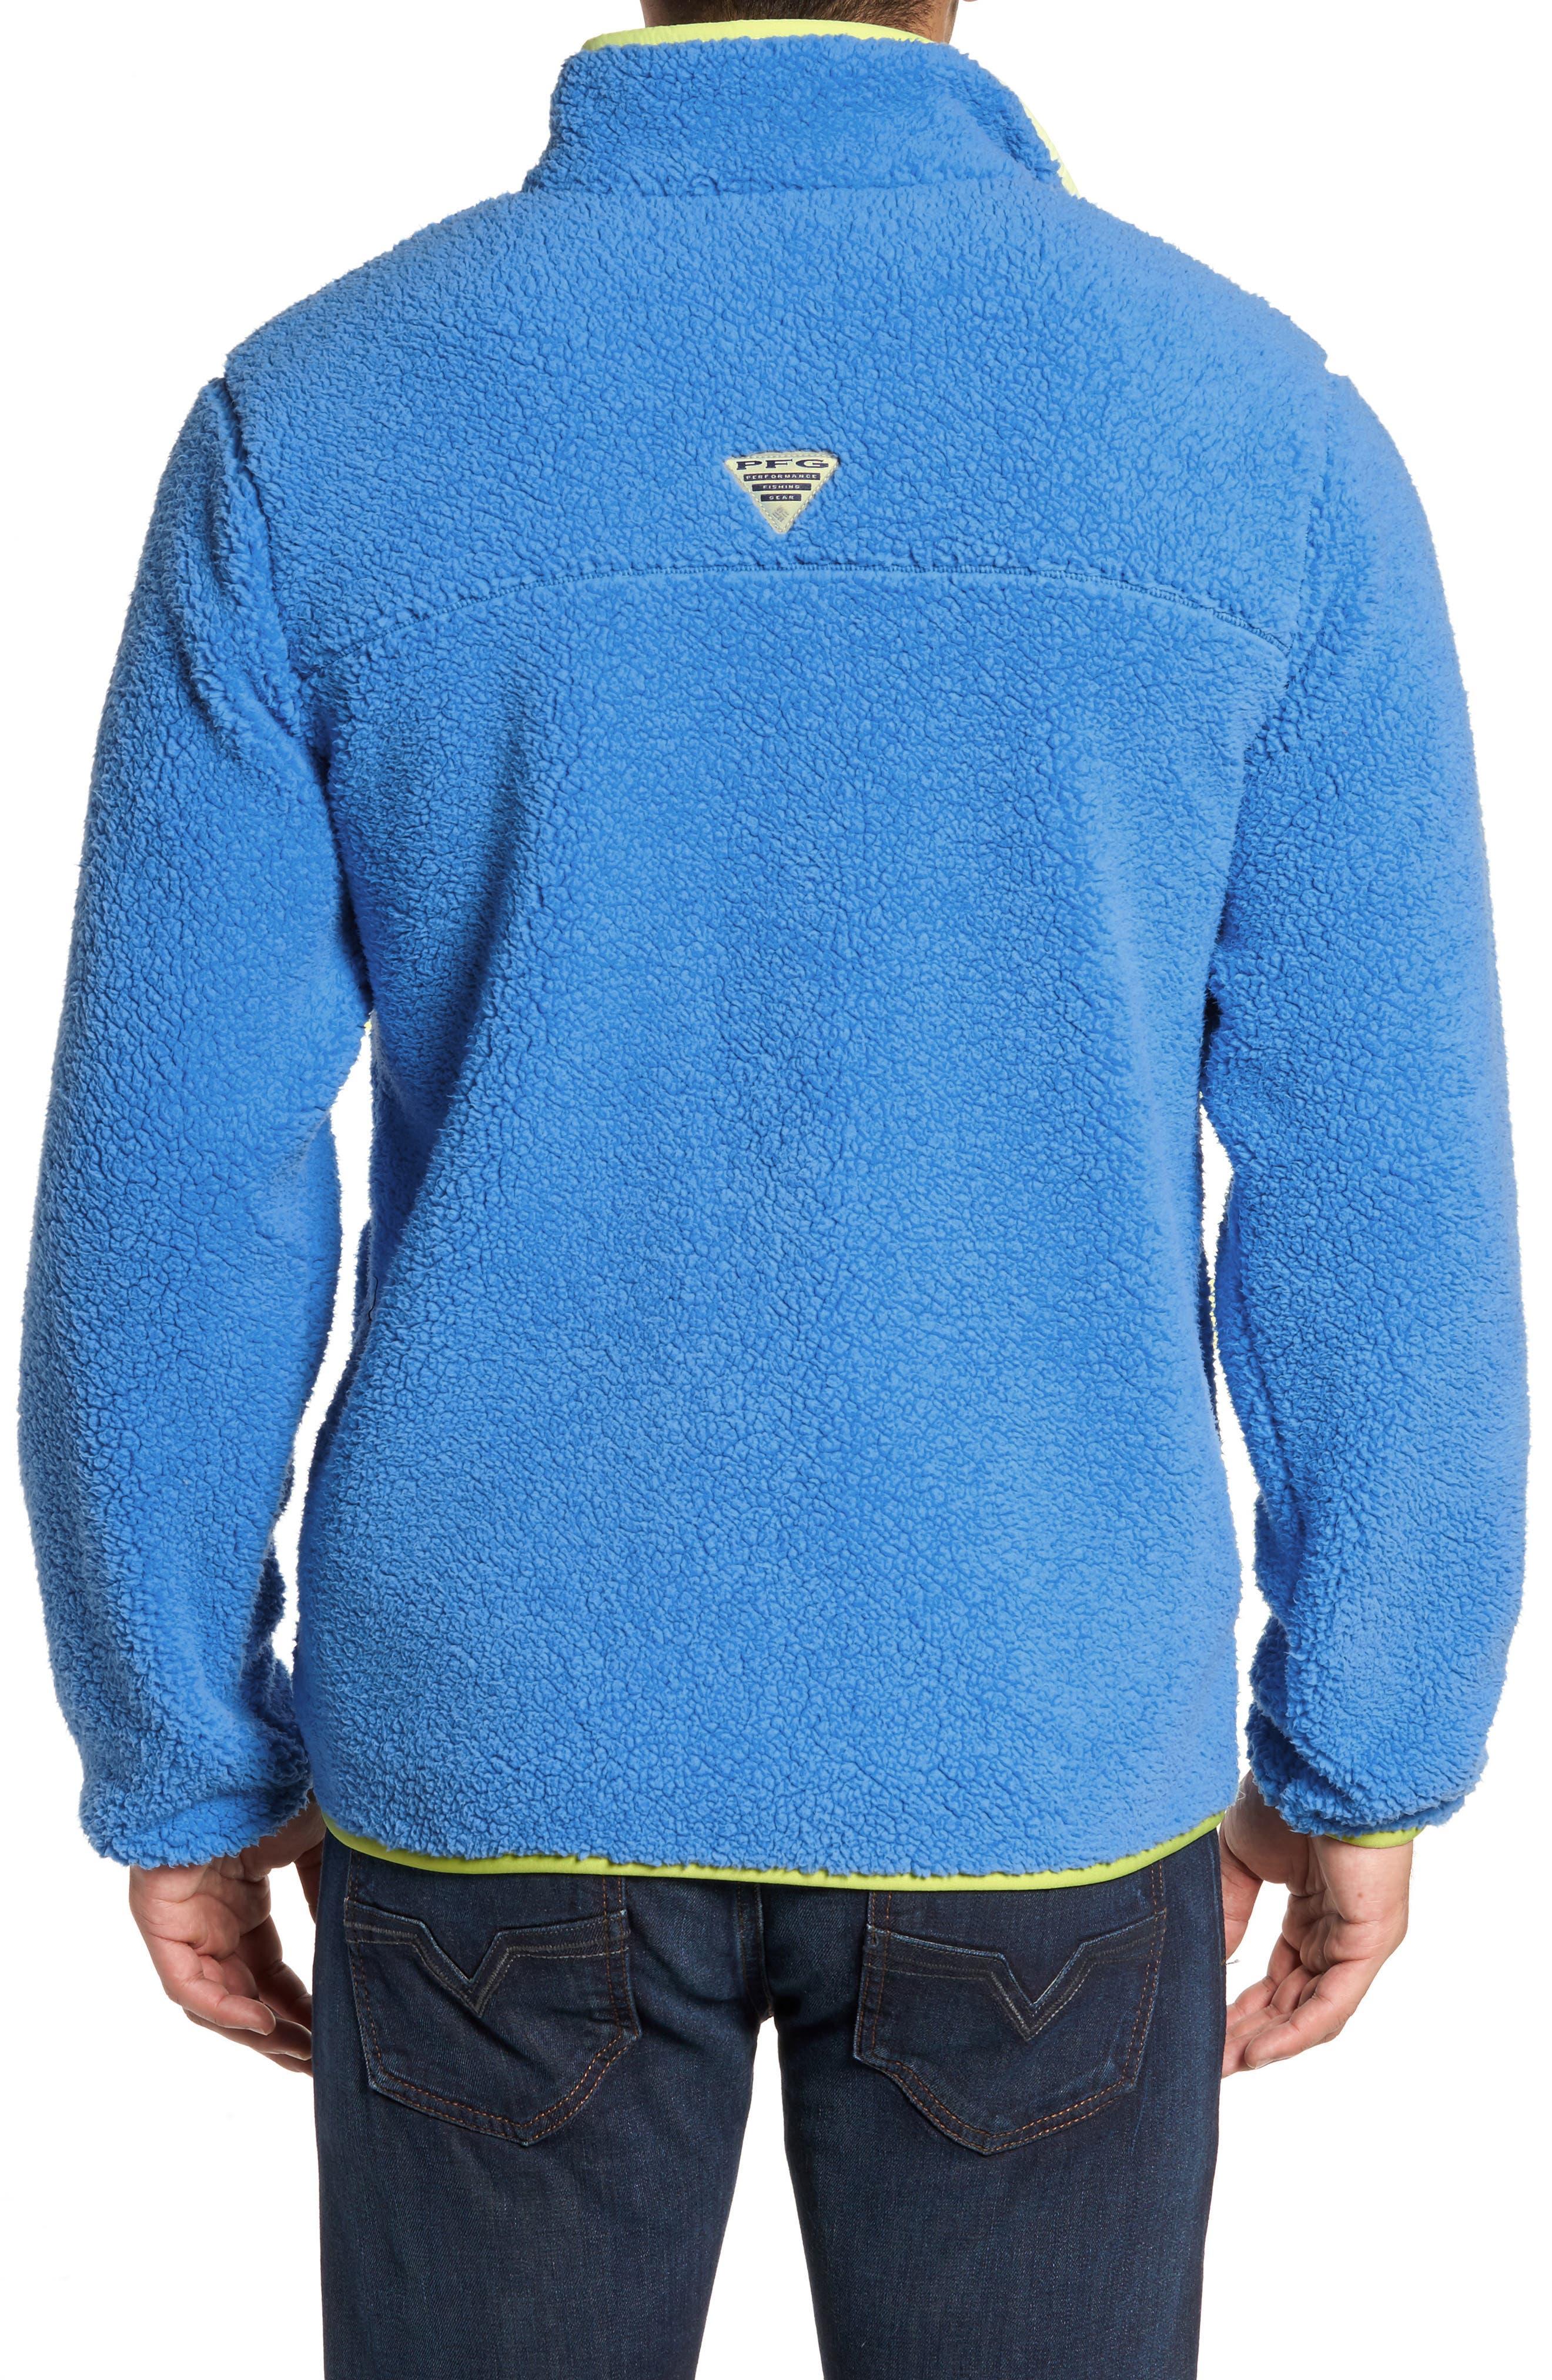 Harborside Fleece Jacket,                             Alternate thumbnail 2, color,                             Harbor Blue/ Neon Light